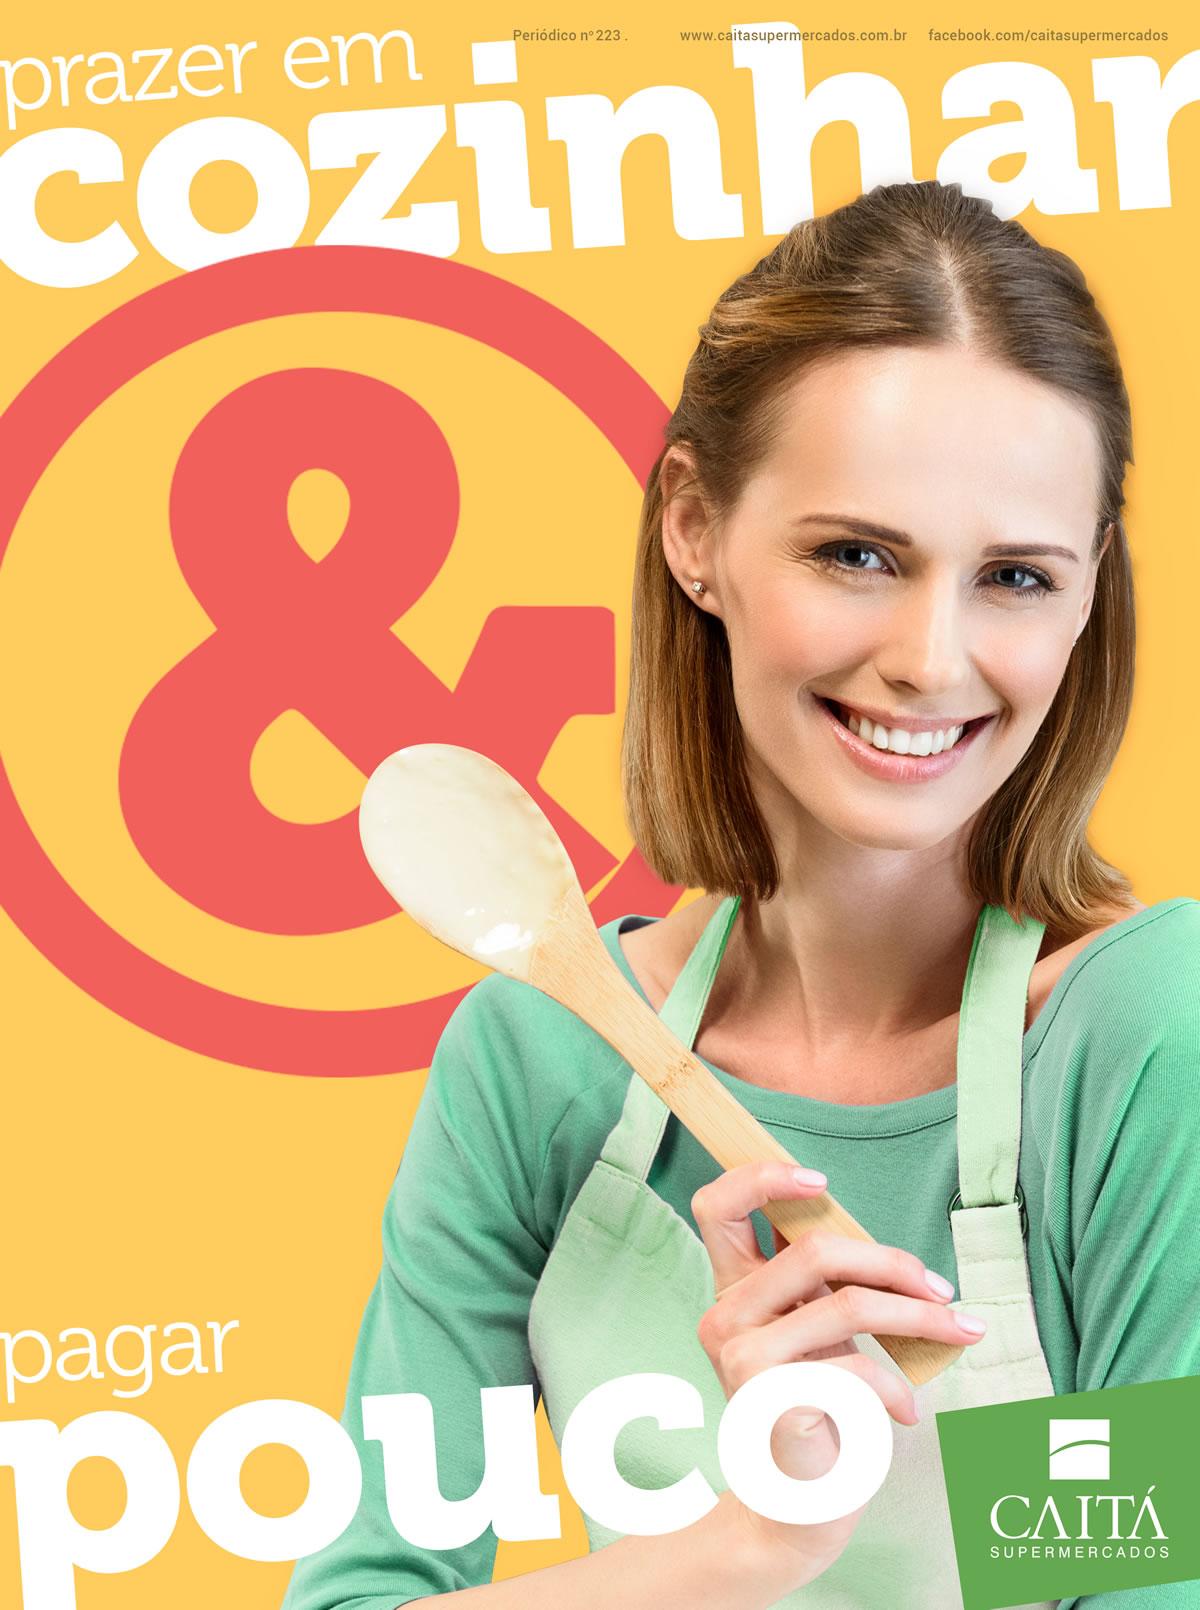 caita_supermercados_tabloide_abril_erechim_01